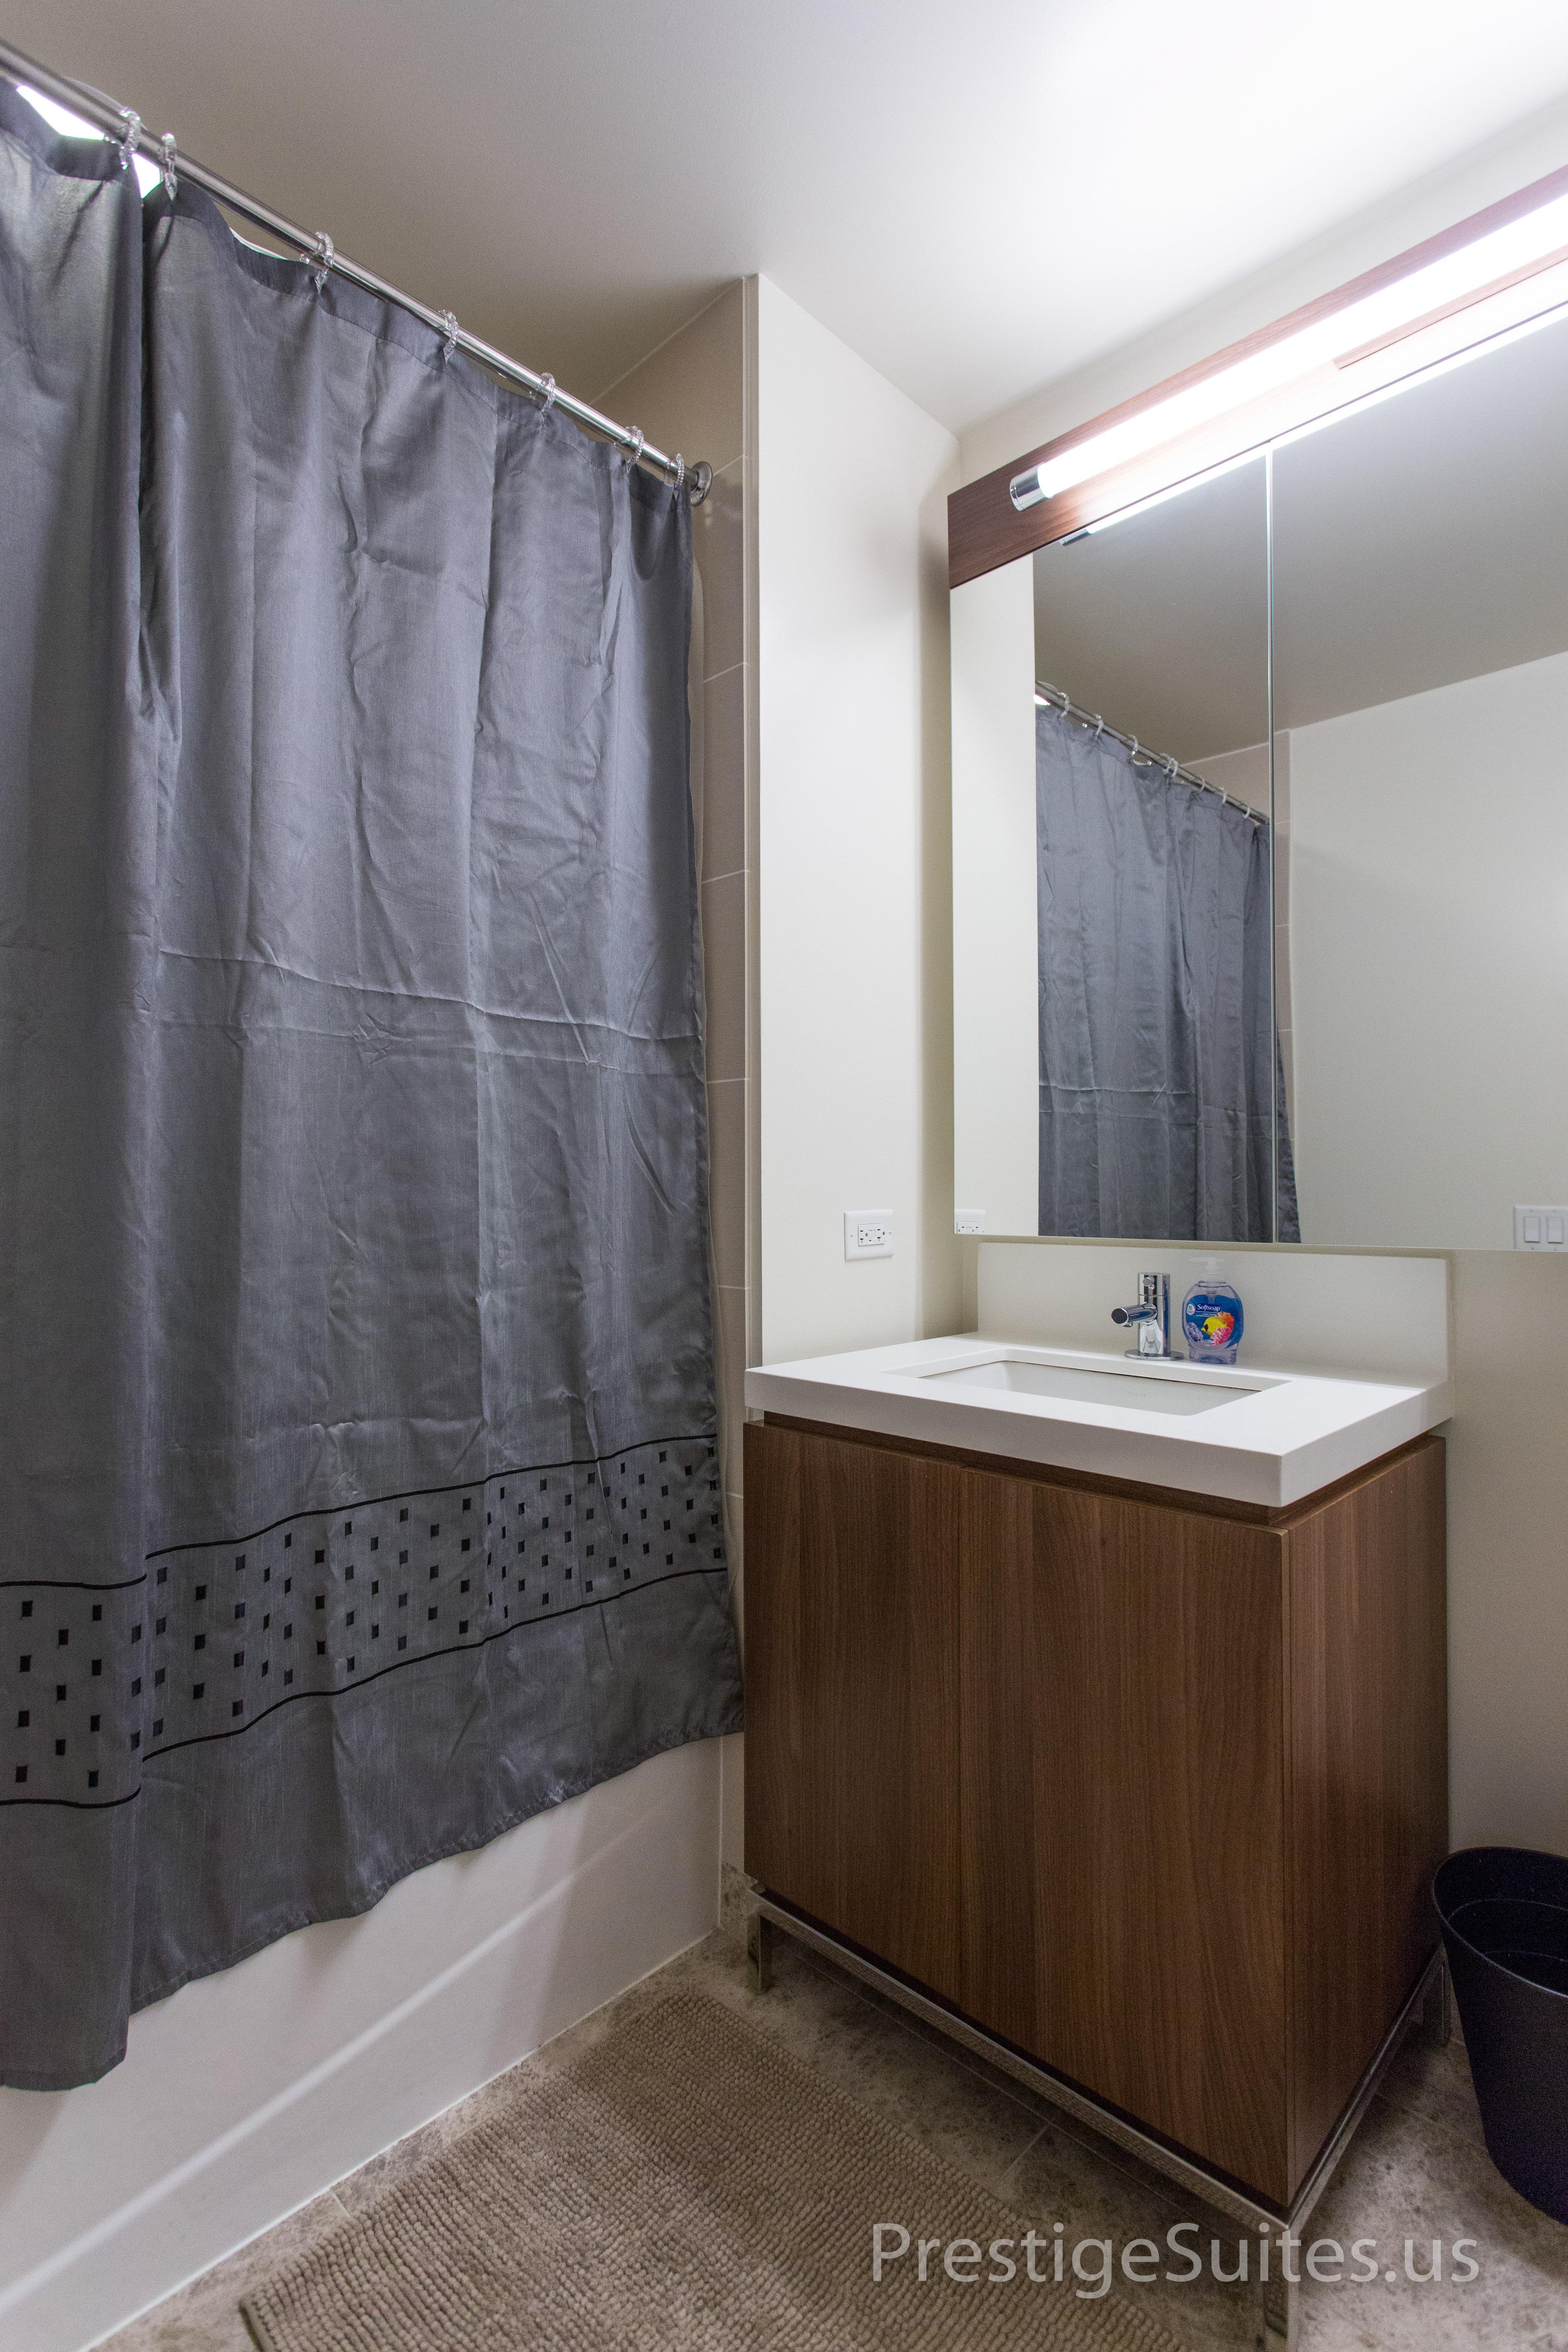 Prestige Suites 111 W Wacker 3904_021